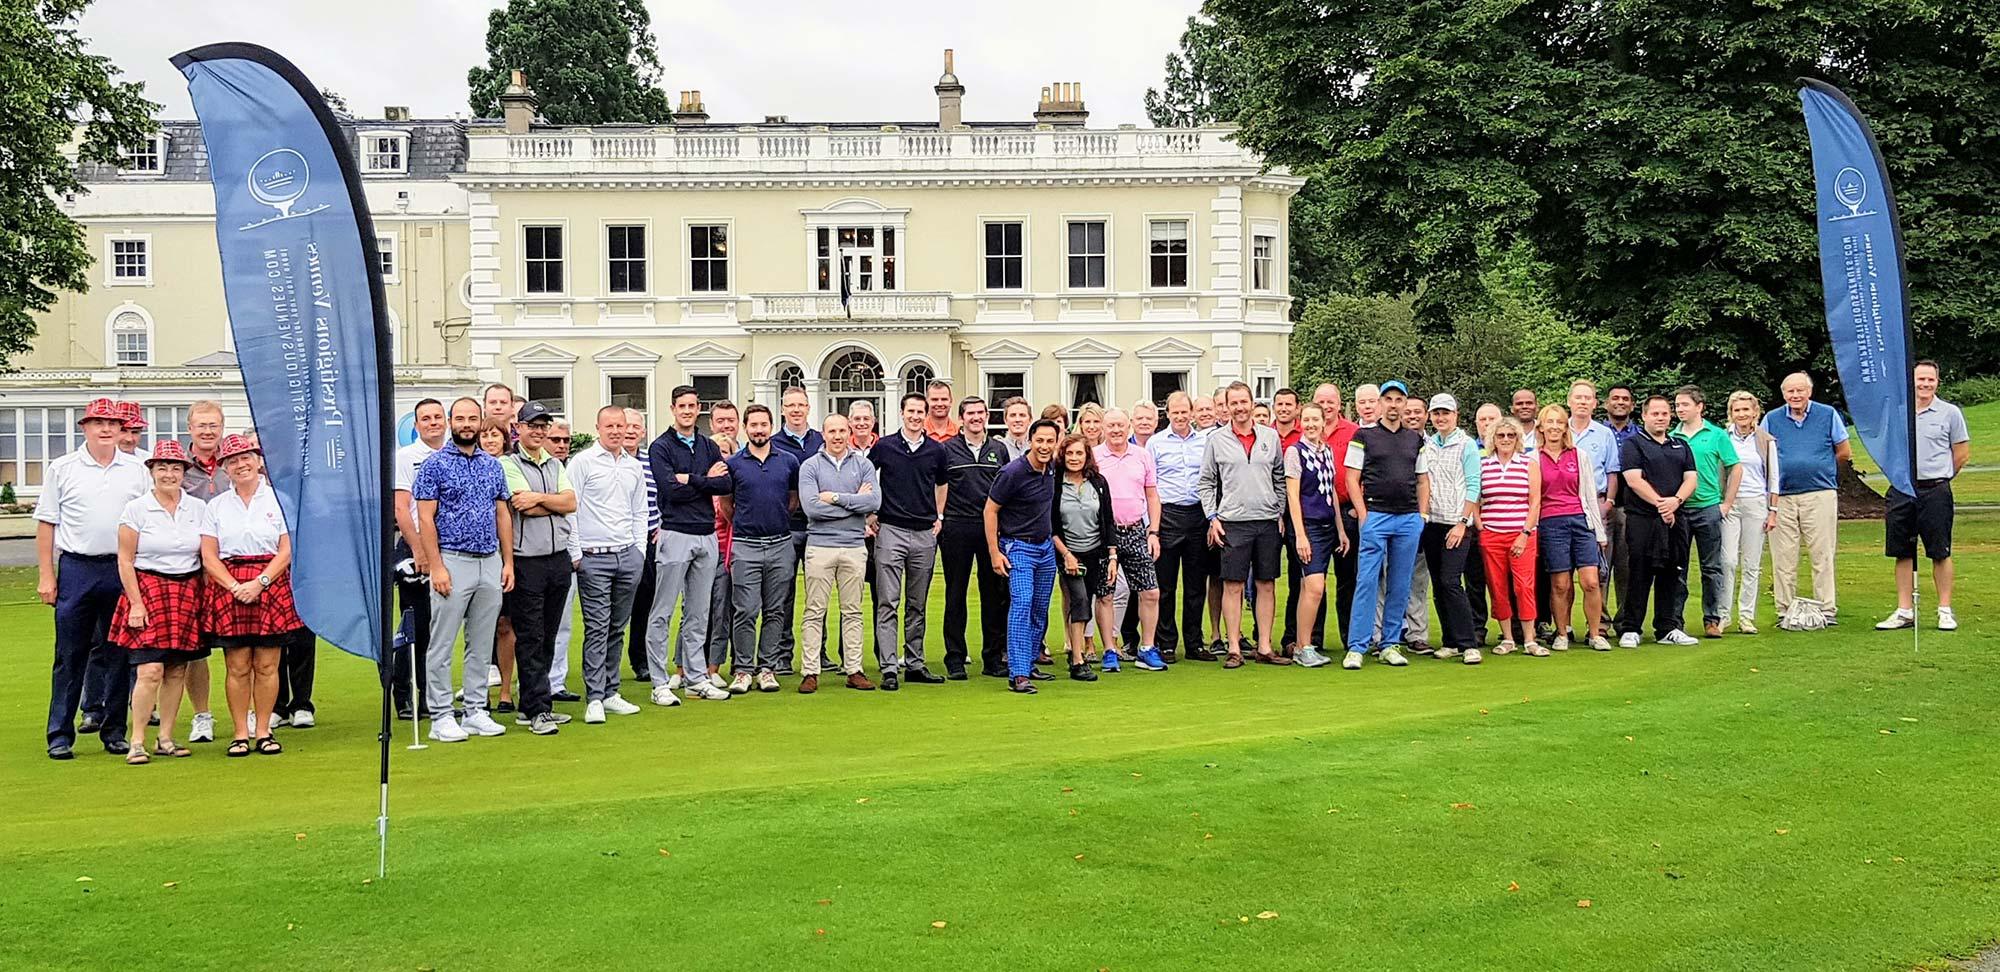 Prestigious Venues Golf Day 2019, 9